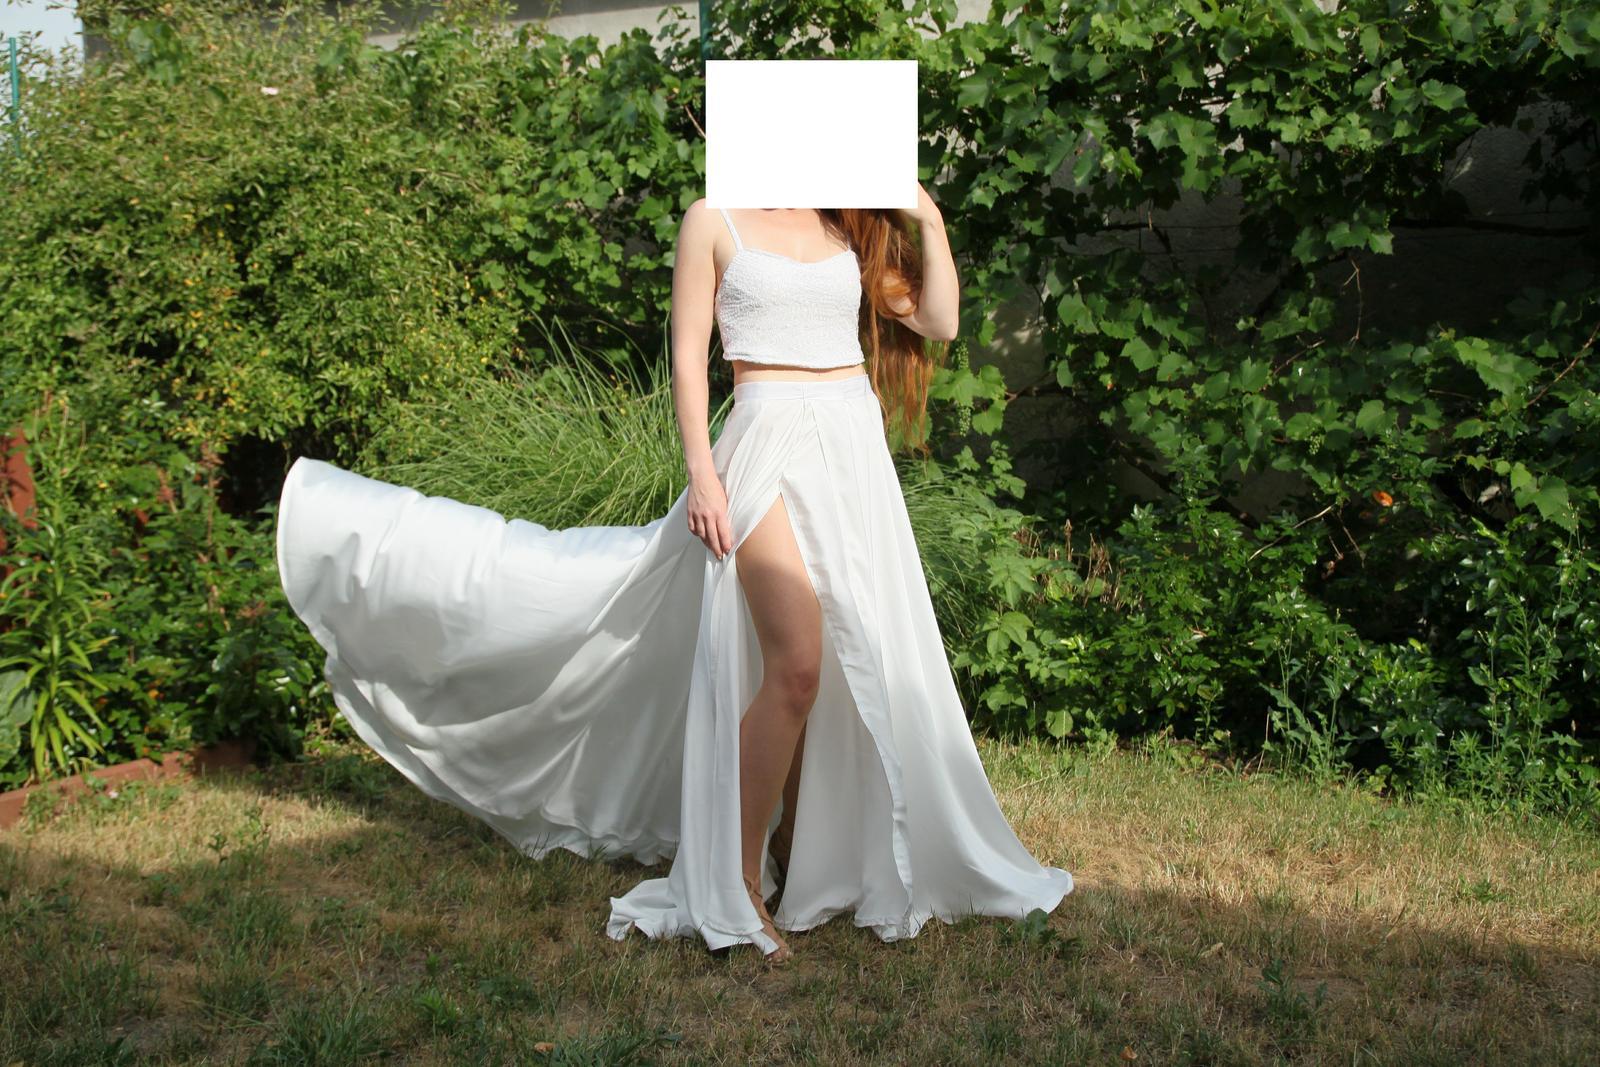 Svadobné šaty empírový padavý strih s rozparkom - Obrázok č. 1